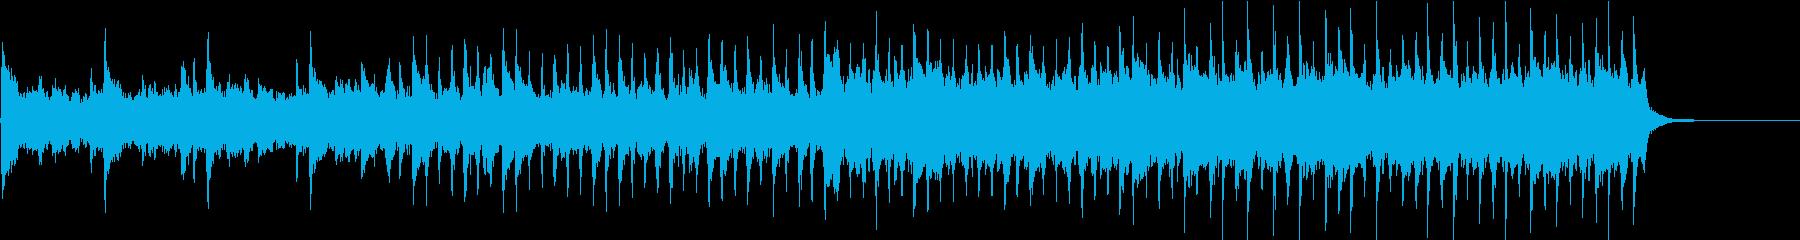 企業VPやCM向4つ打ち躍動感あるBGMの再生済みの波形